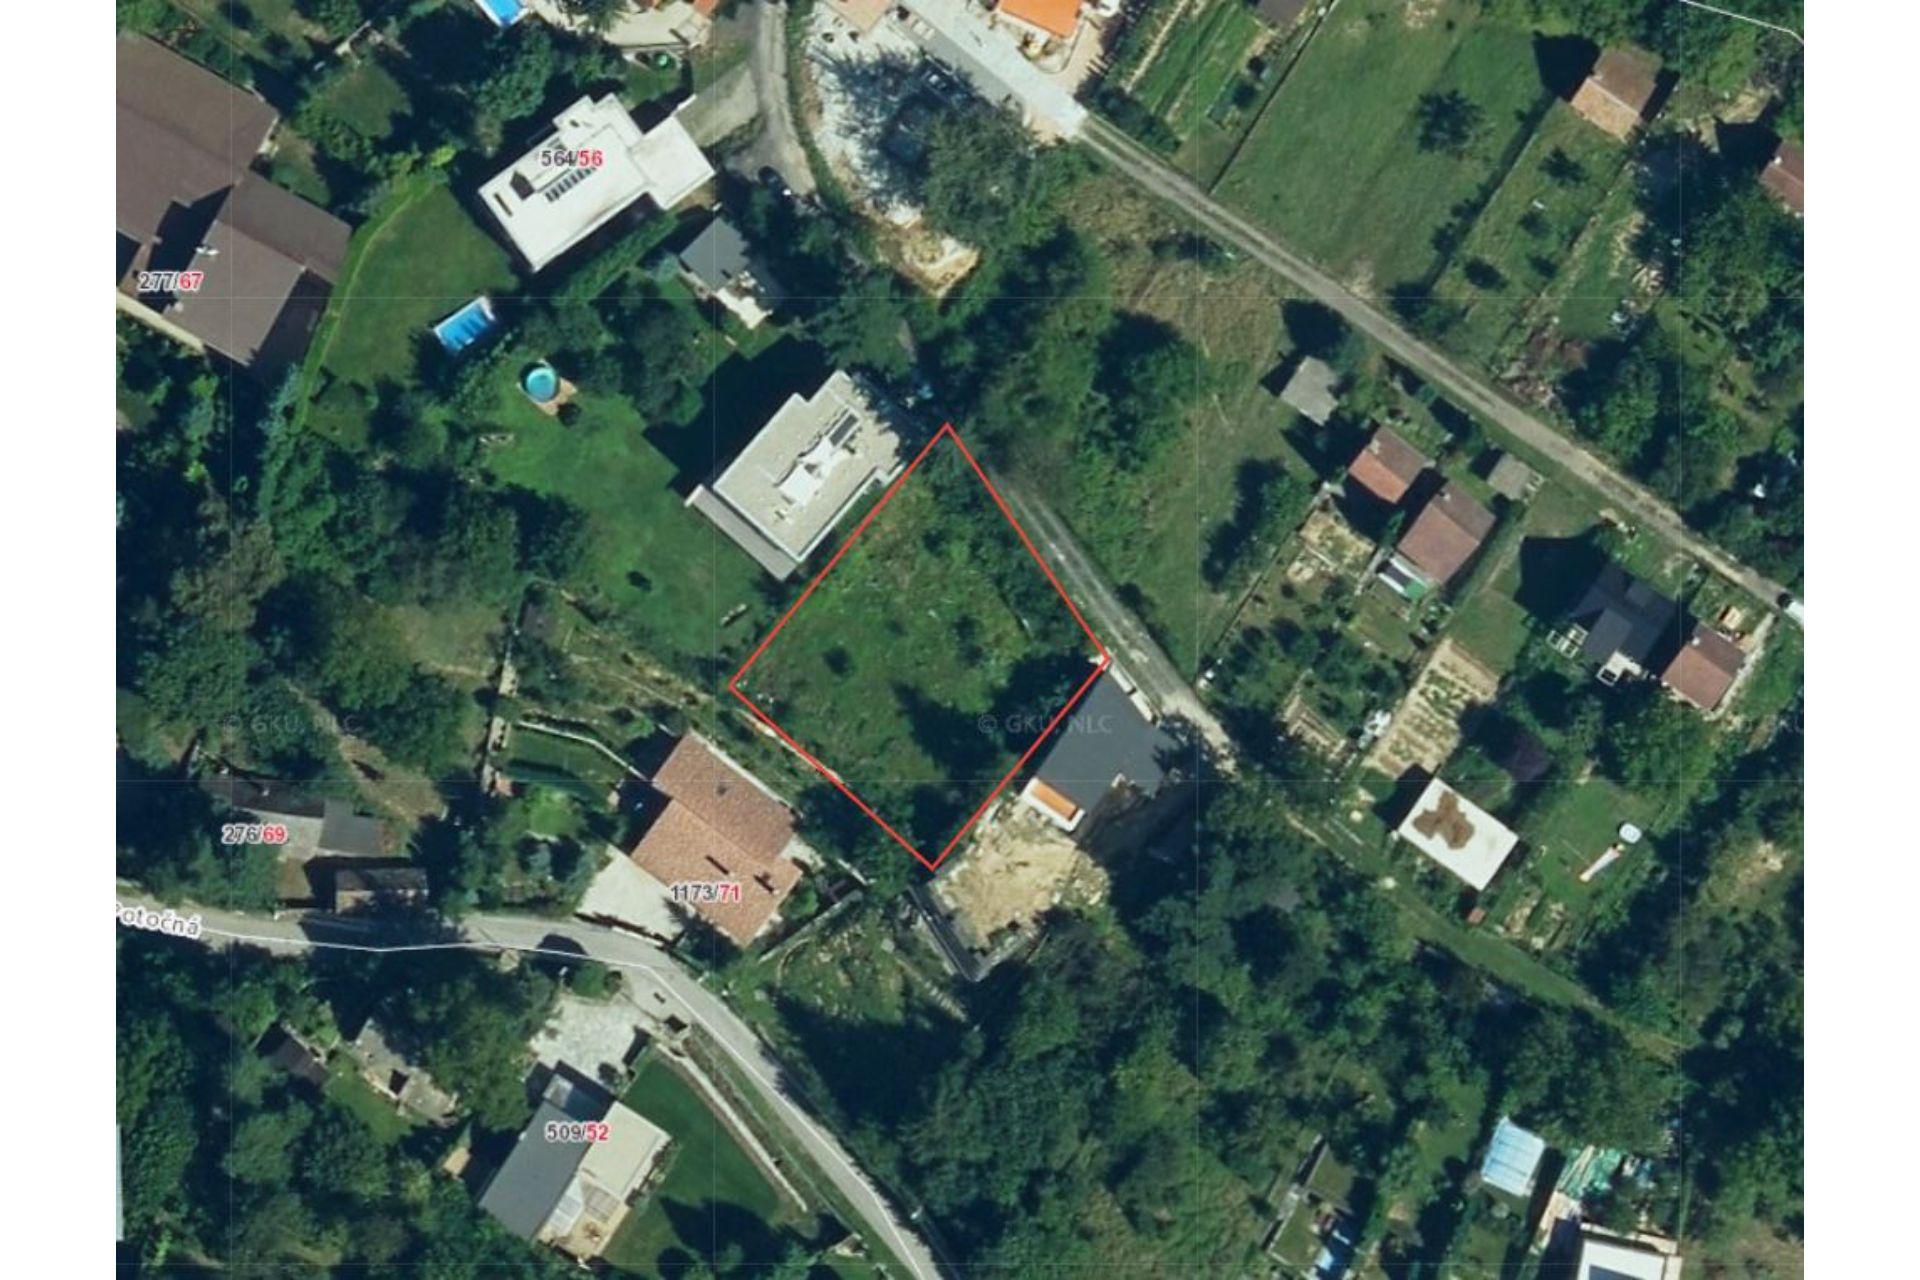 ulica Lesná, 900 33 Marianka - stavebný pozemok